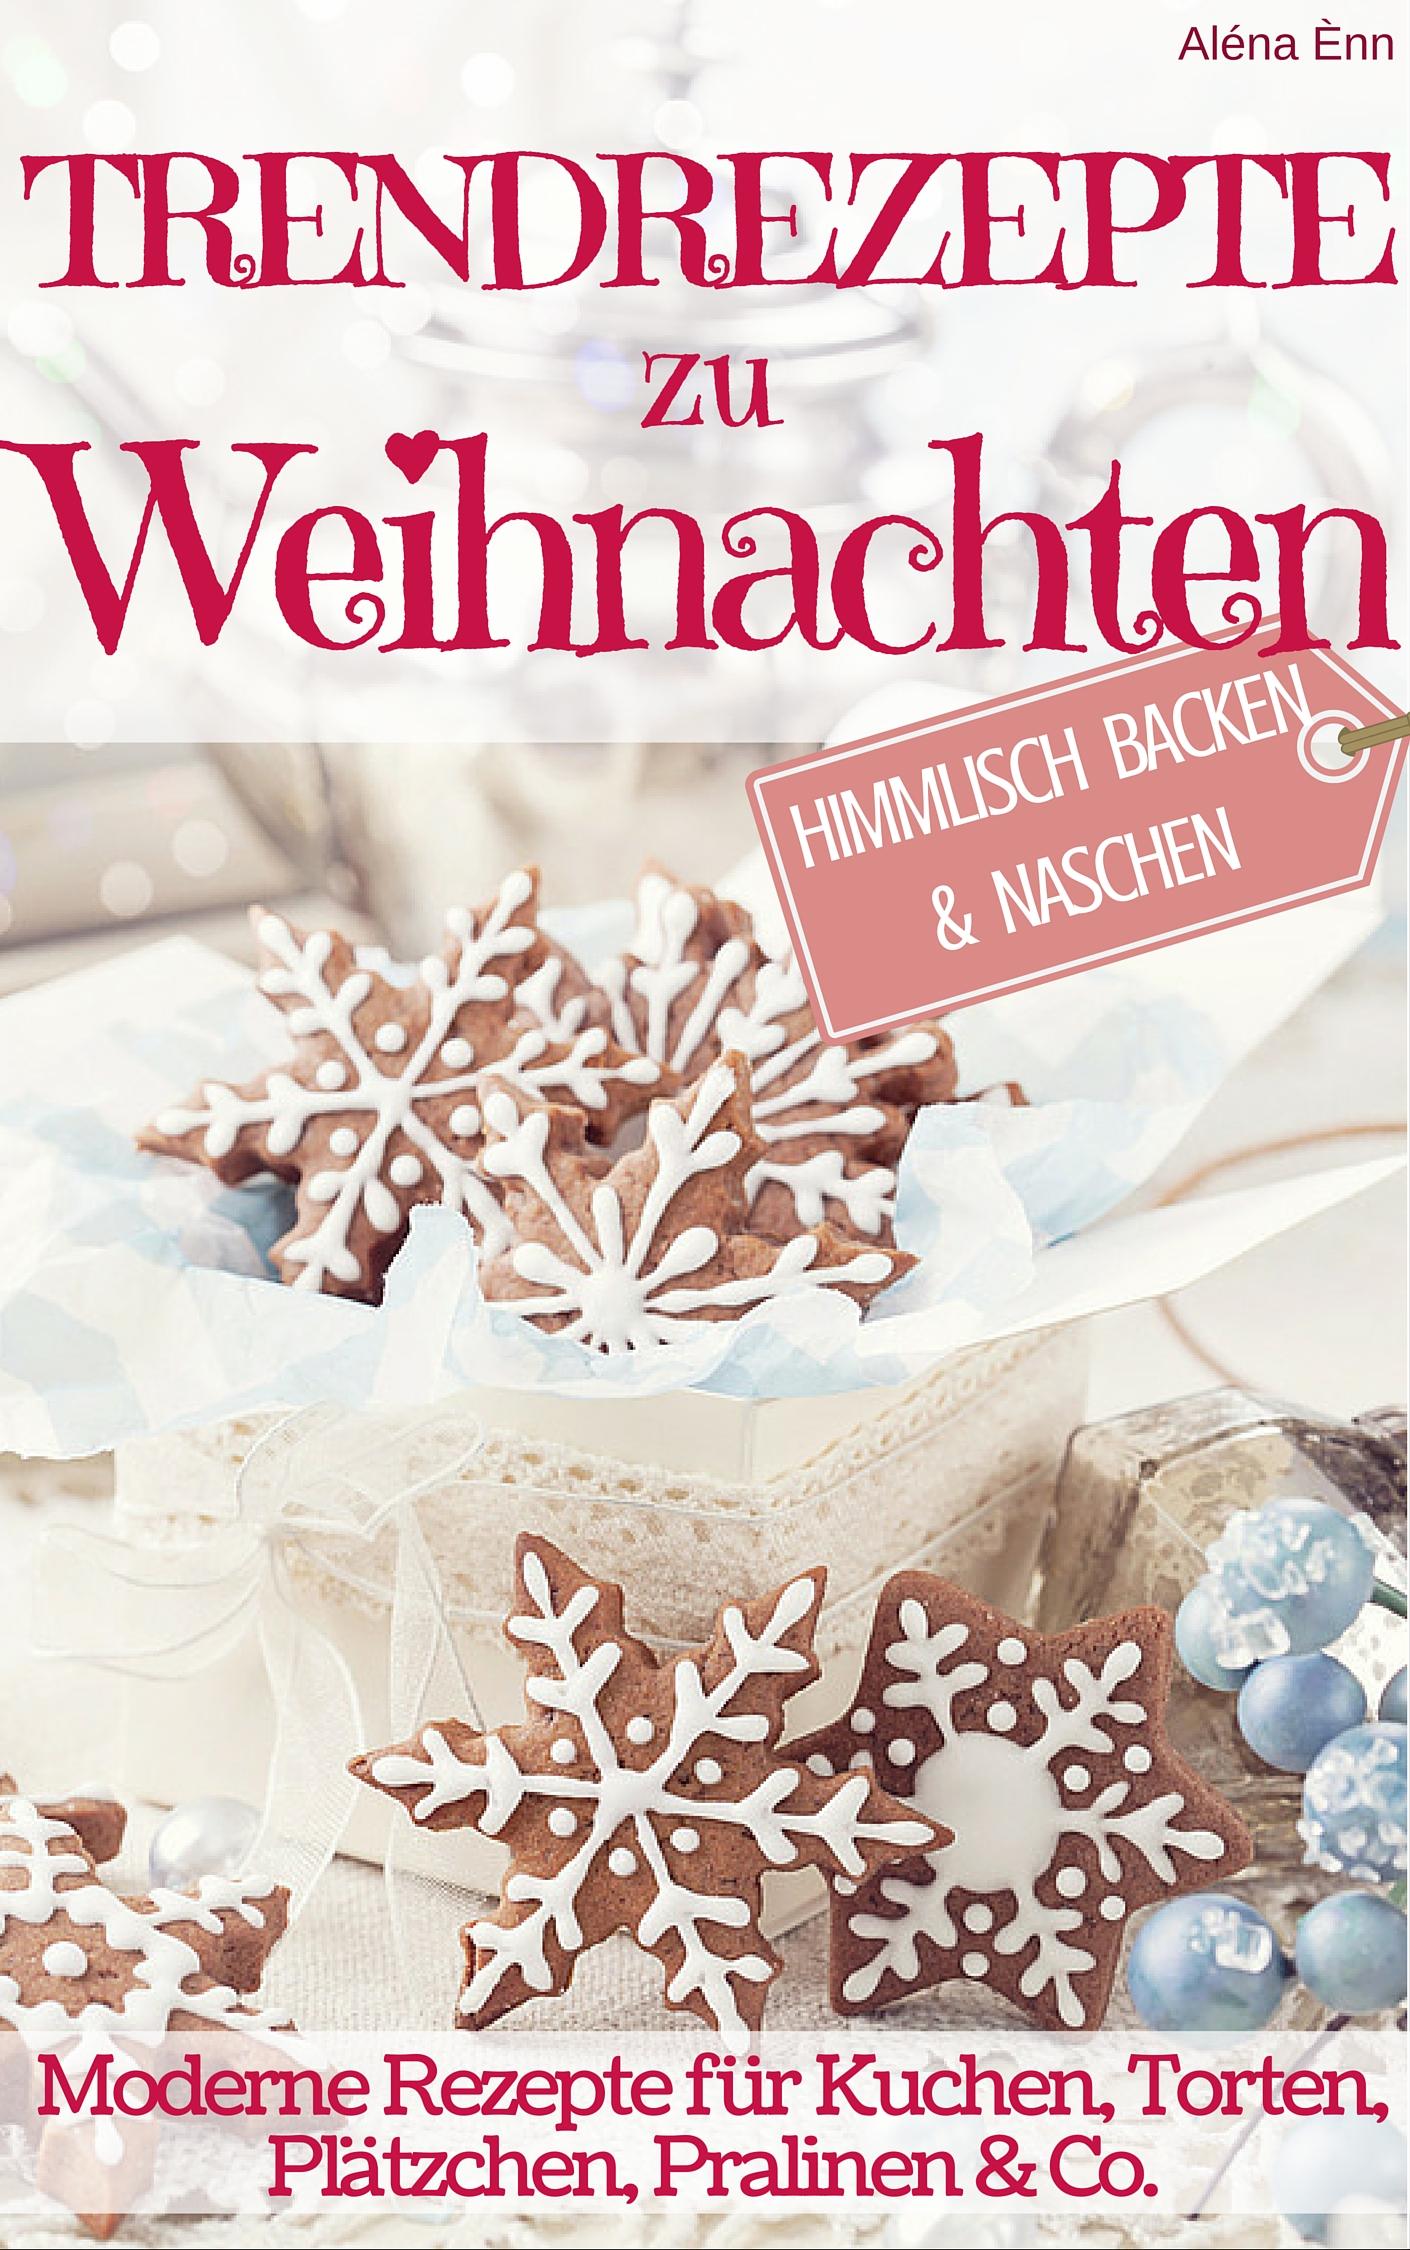 Weihnachten kommt: eBackbücher Gratis (statt 2,99 Euro)